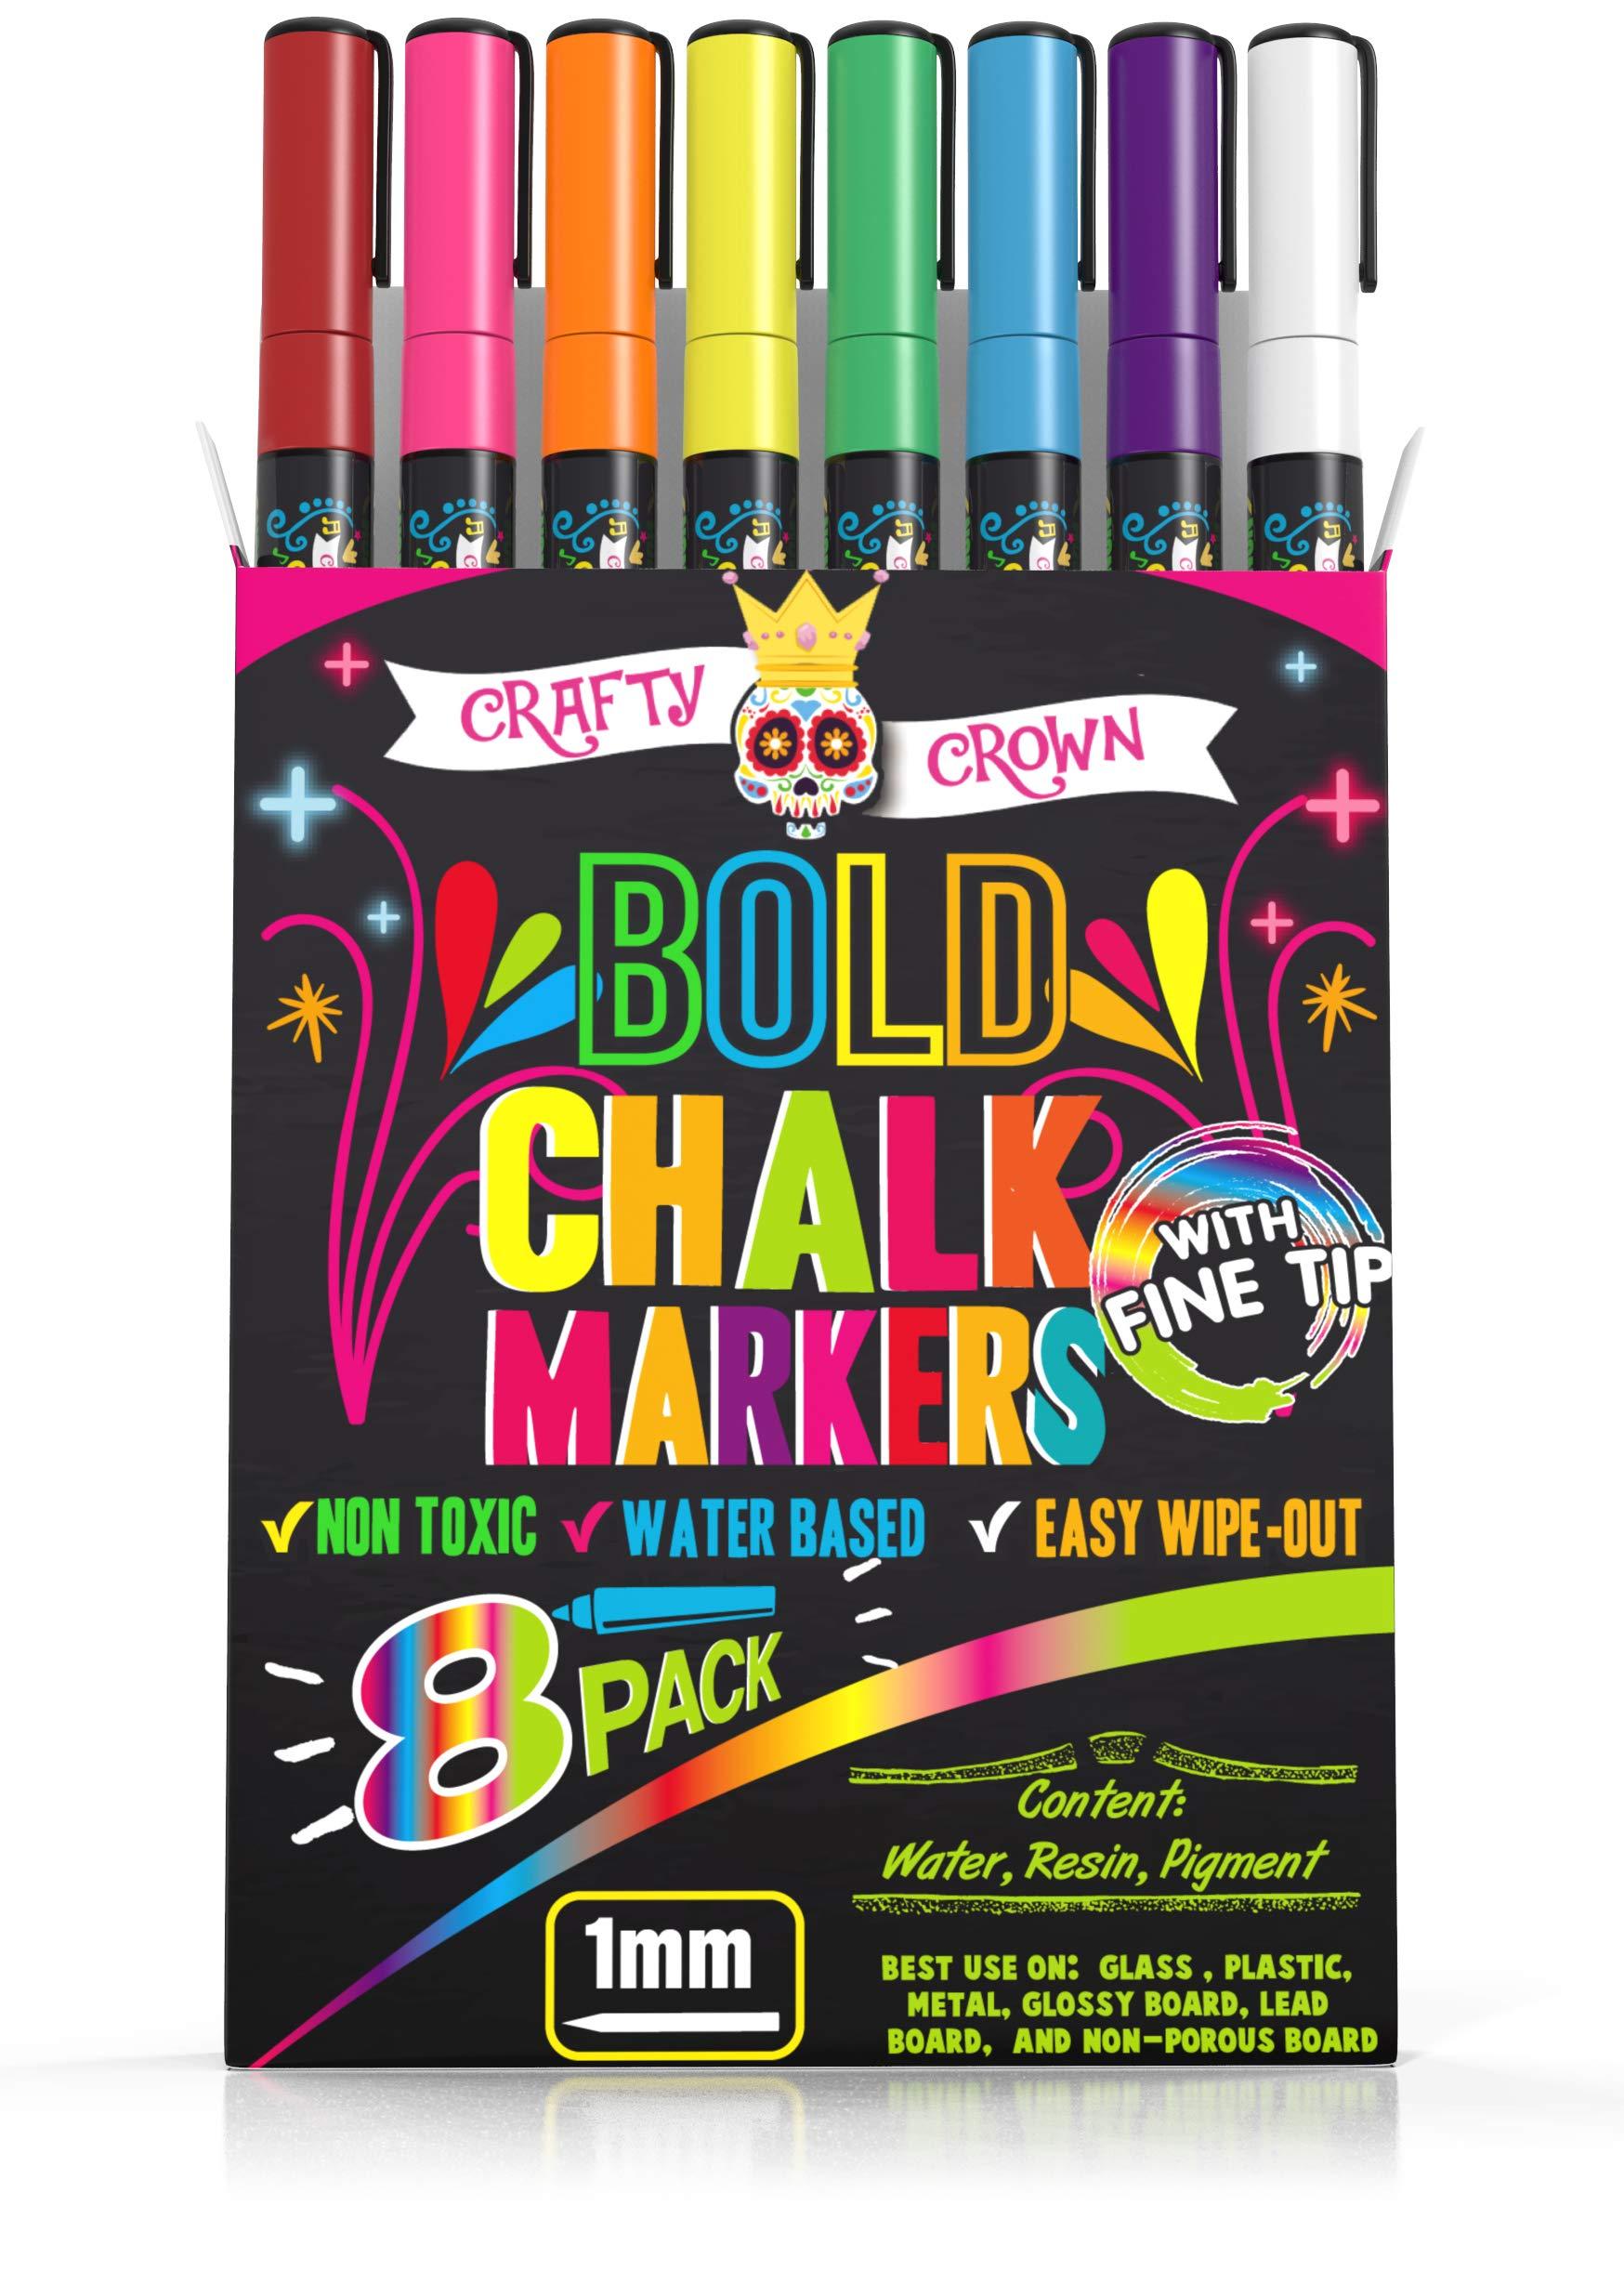 Liquid Chalk Markers Fine Tip - Bold Color Chalk Board Marker for Chalkboards, Windows, Signs, Blackboards- 24 Chalkboard Labels Included - 1mm Tip (8 Pack)